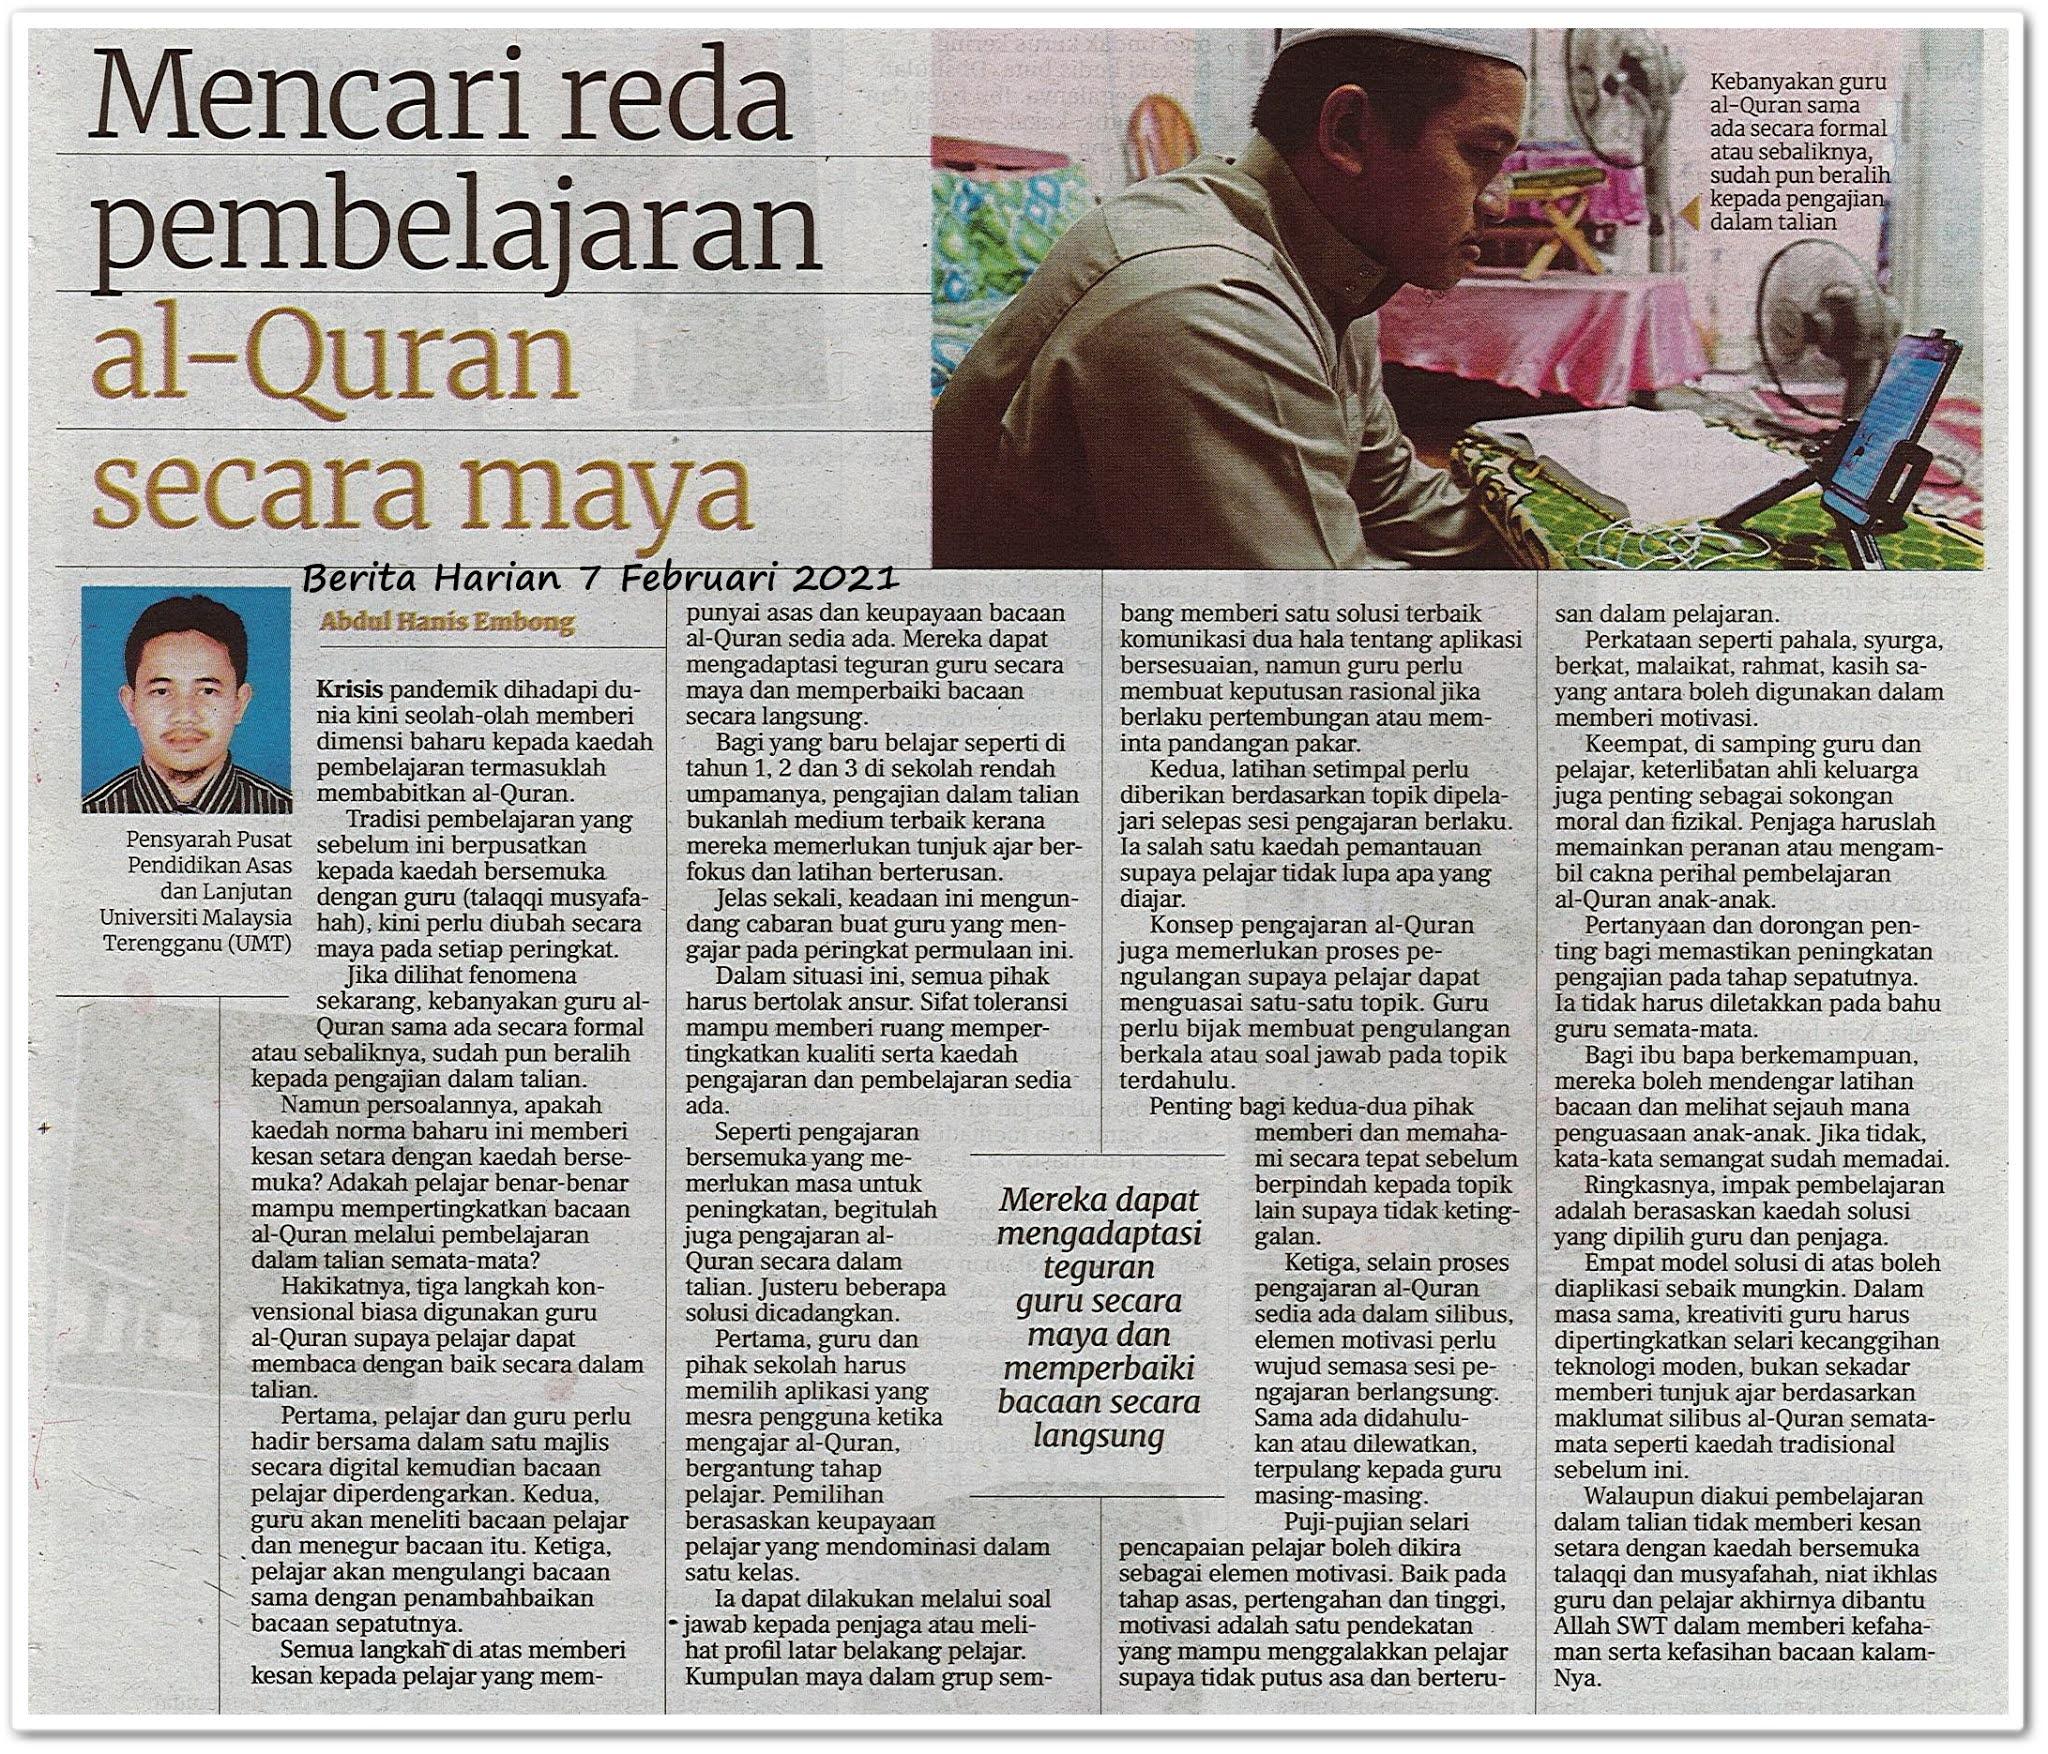 Mencari reda pembelajaran Al-Quran secara maya - Keratan akhbar Berita Harian 7 Februari 2021